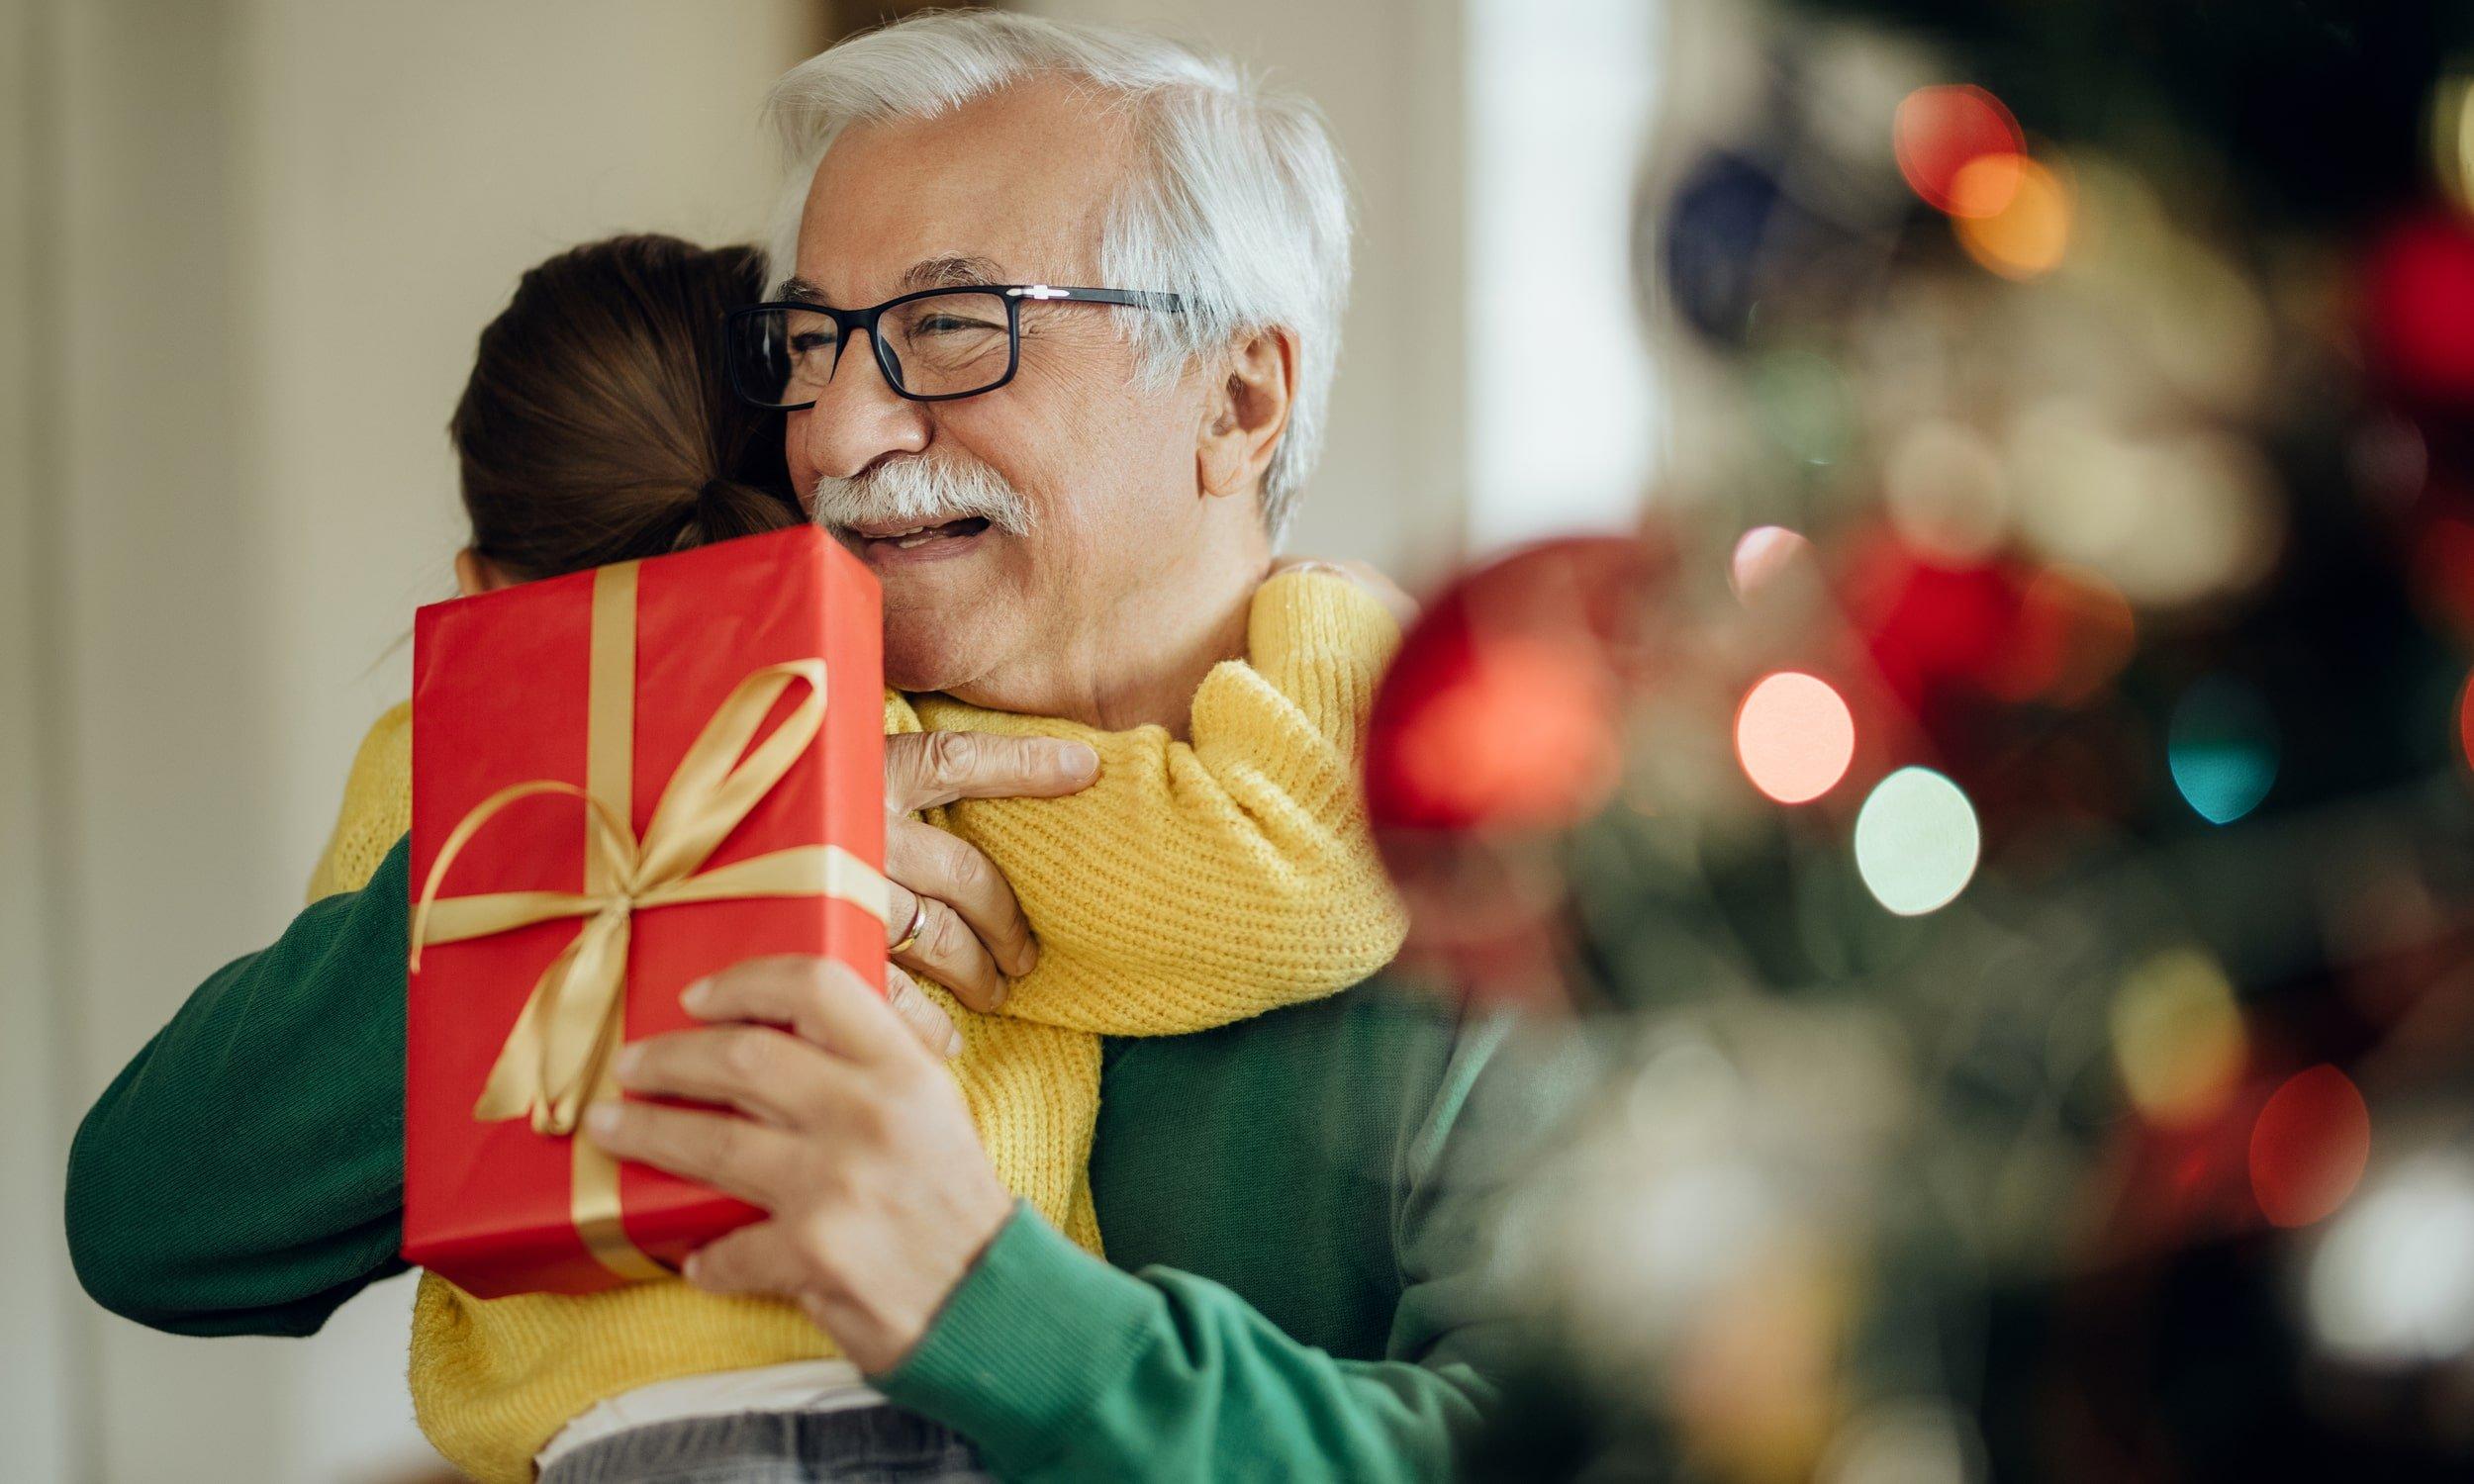 anuke sveikina seneli su kaledomis